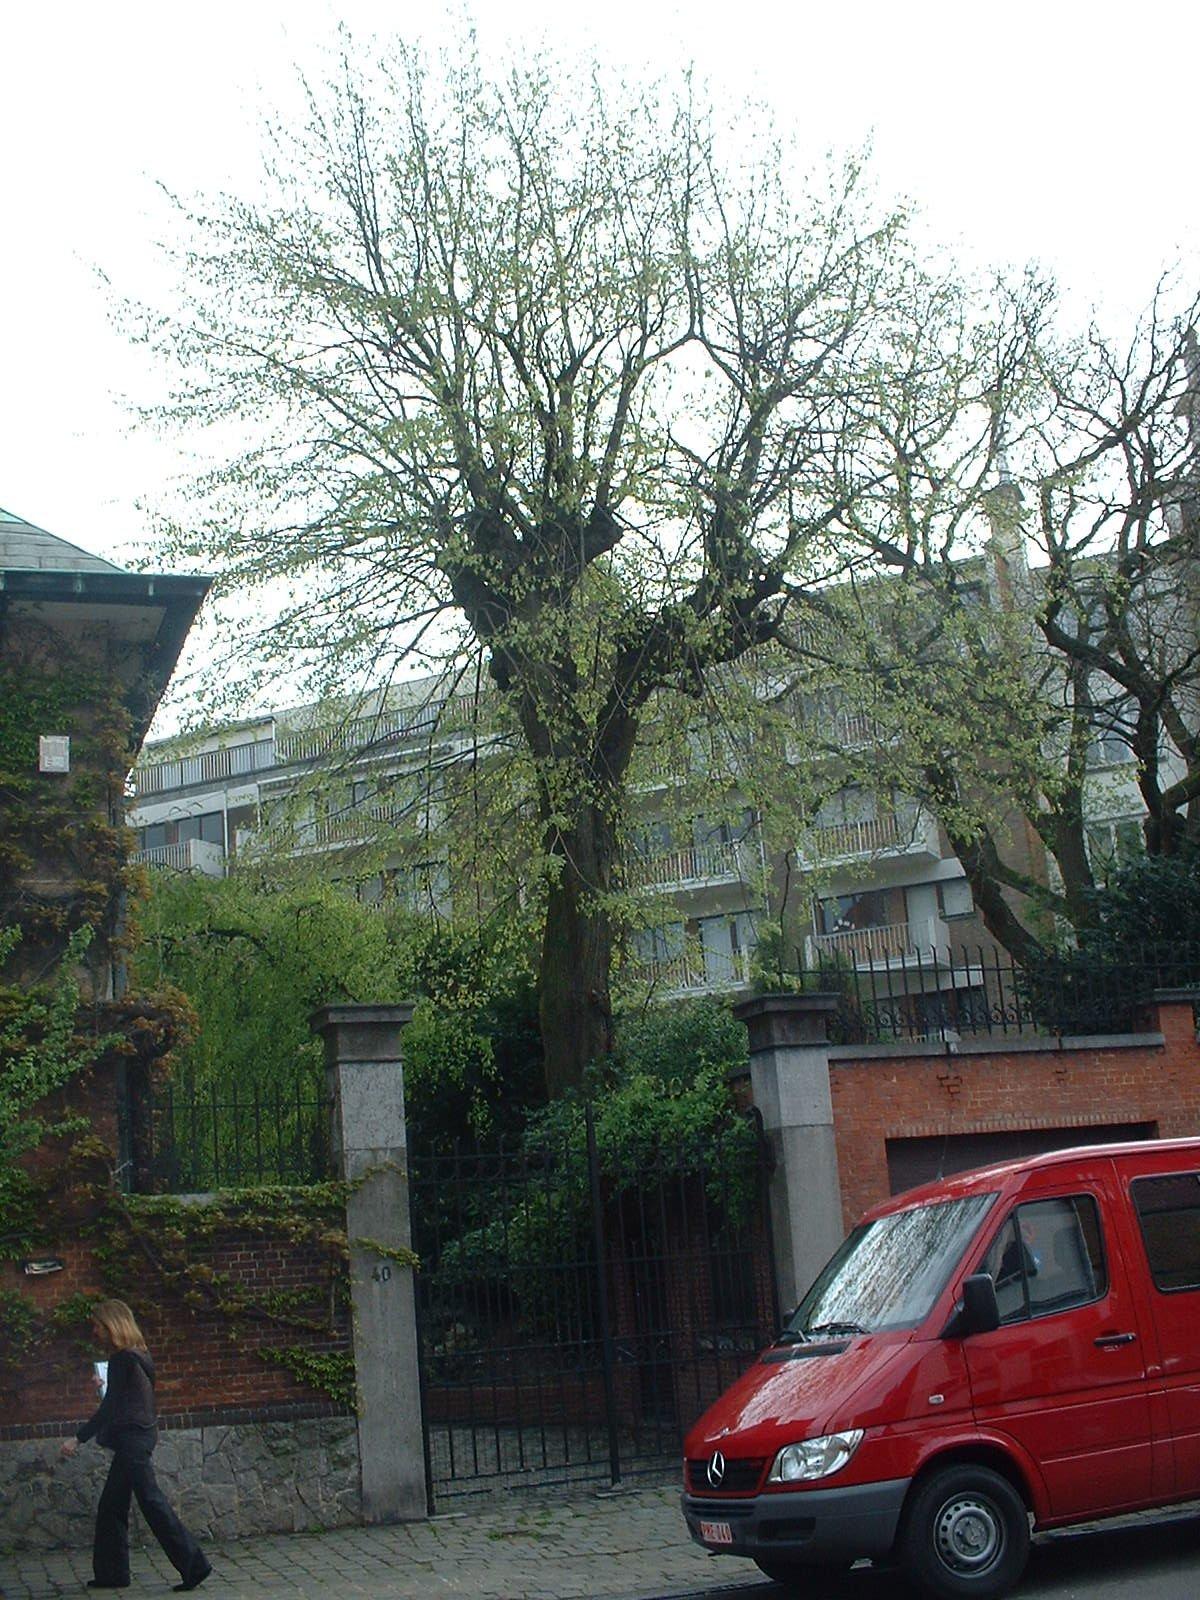 Tilleul argenté – Uccle, Rue Marianne, 40 –  22 Avril 2004